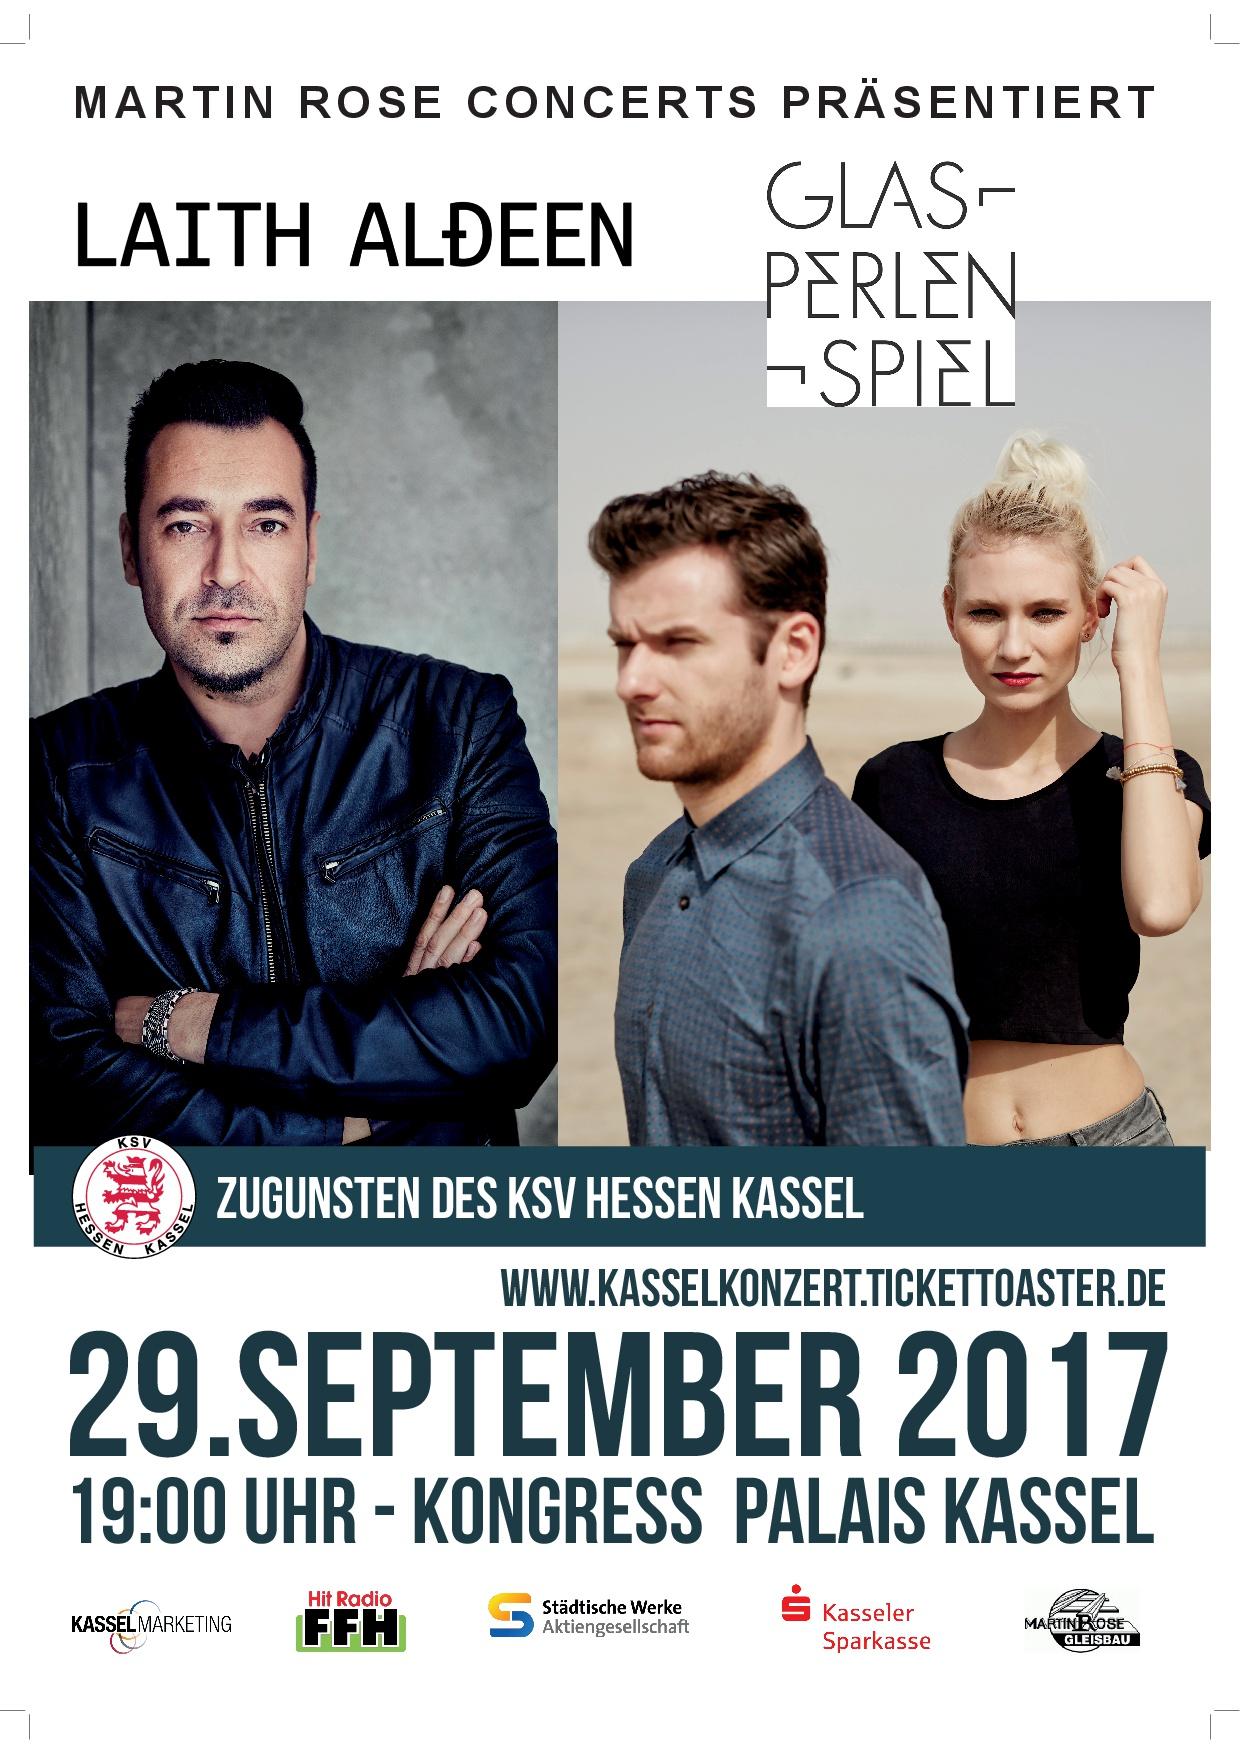 Laith Al-Deen & Glasperlenspiel • Kassel